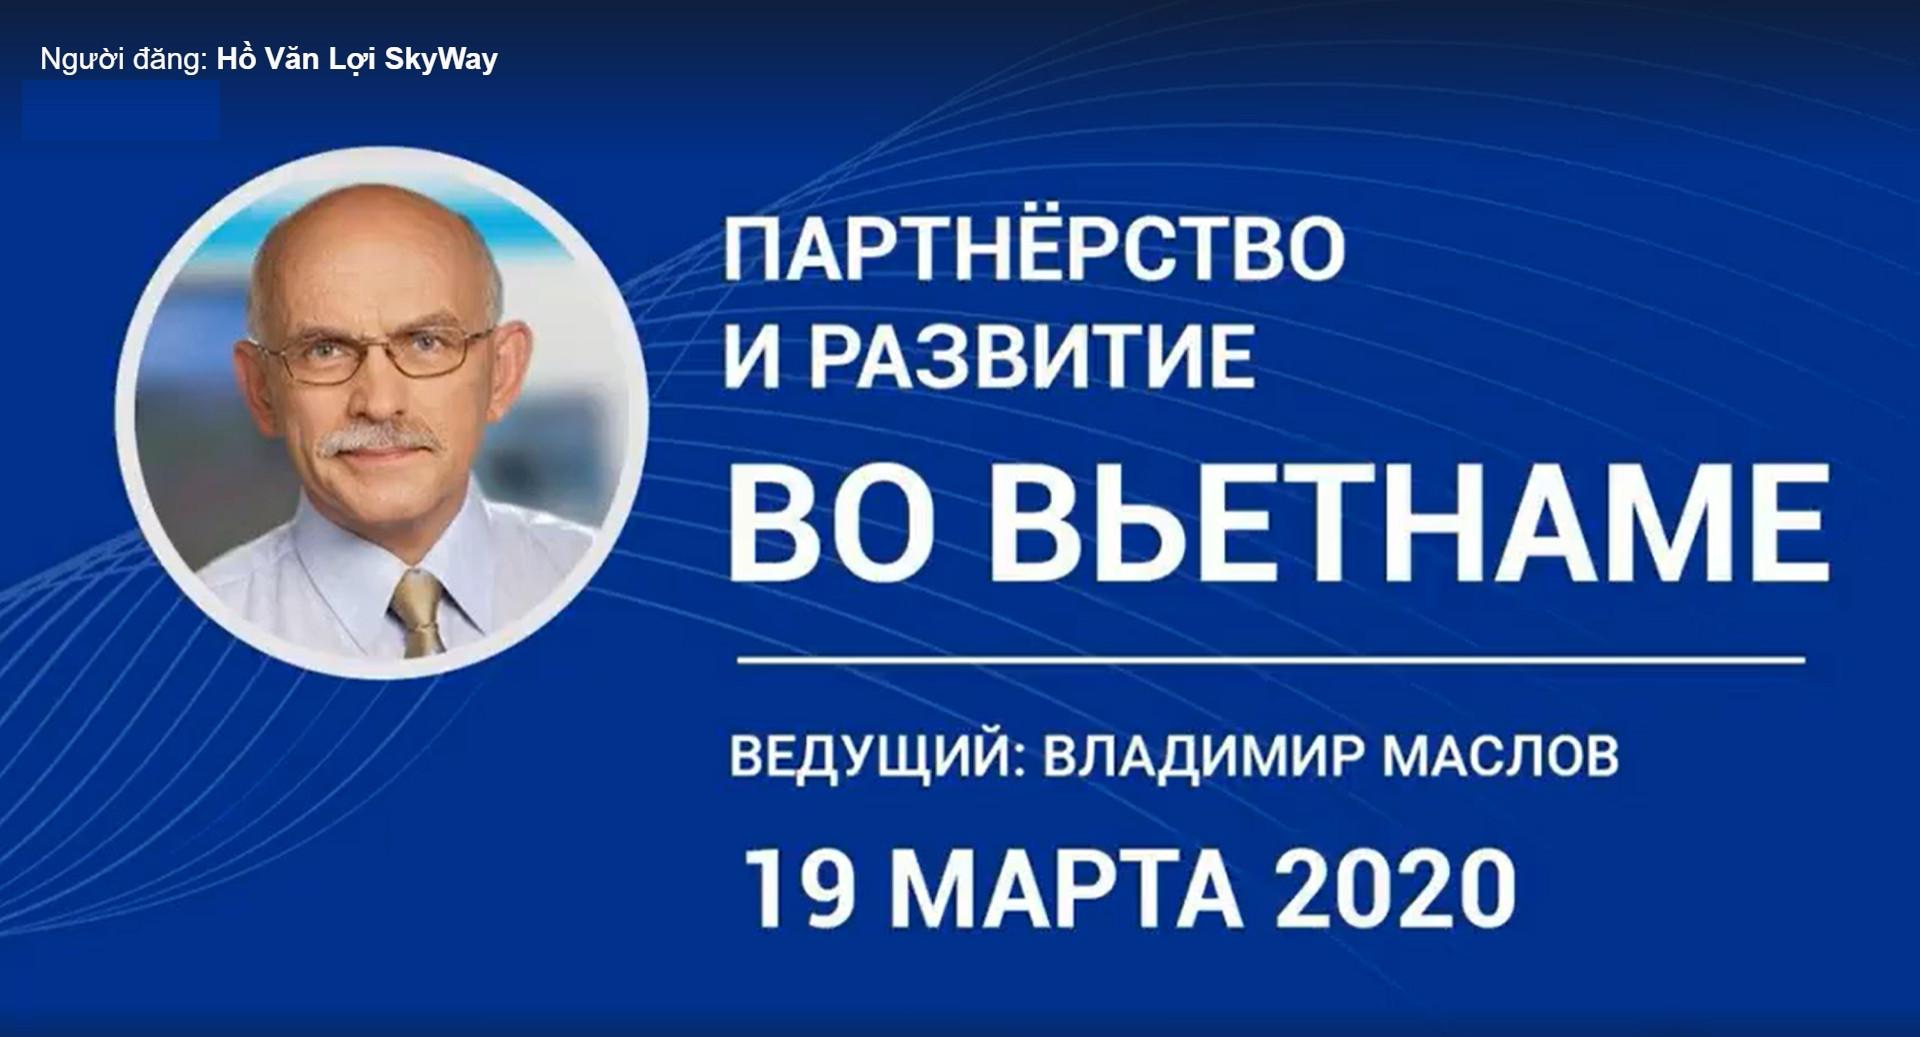 Hội thảo SkyWay trên Webinar được tổ chức vào ngày  19/03/2020